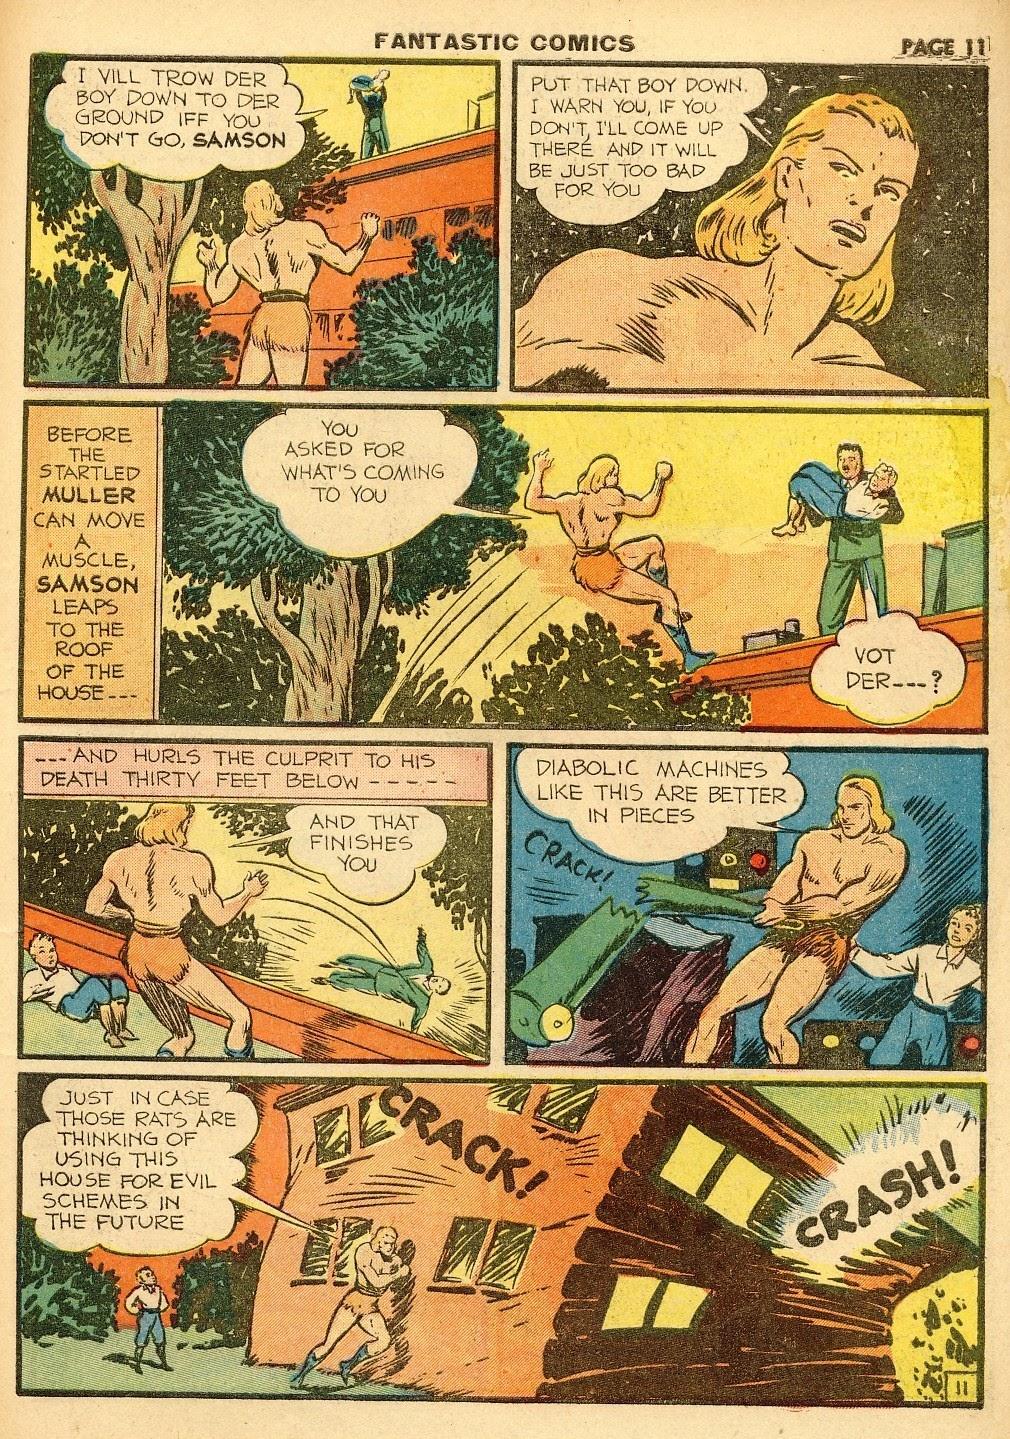 Read online Fantastic Comics comic -  Issue #10 - 12